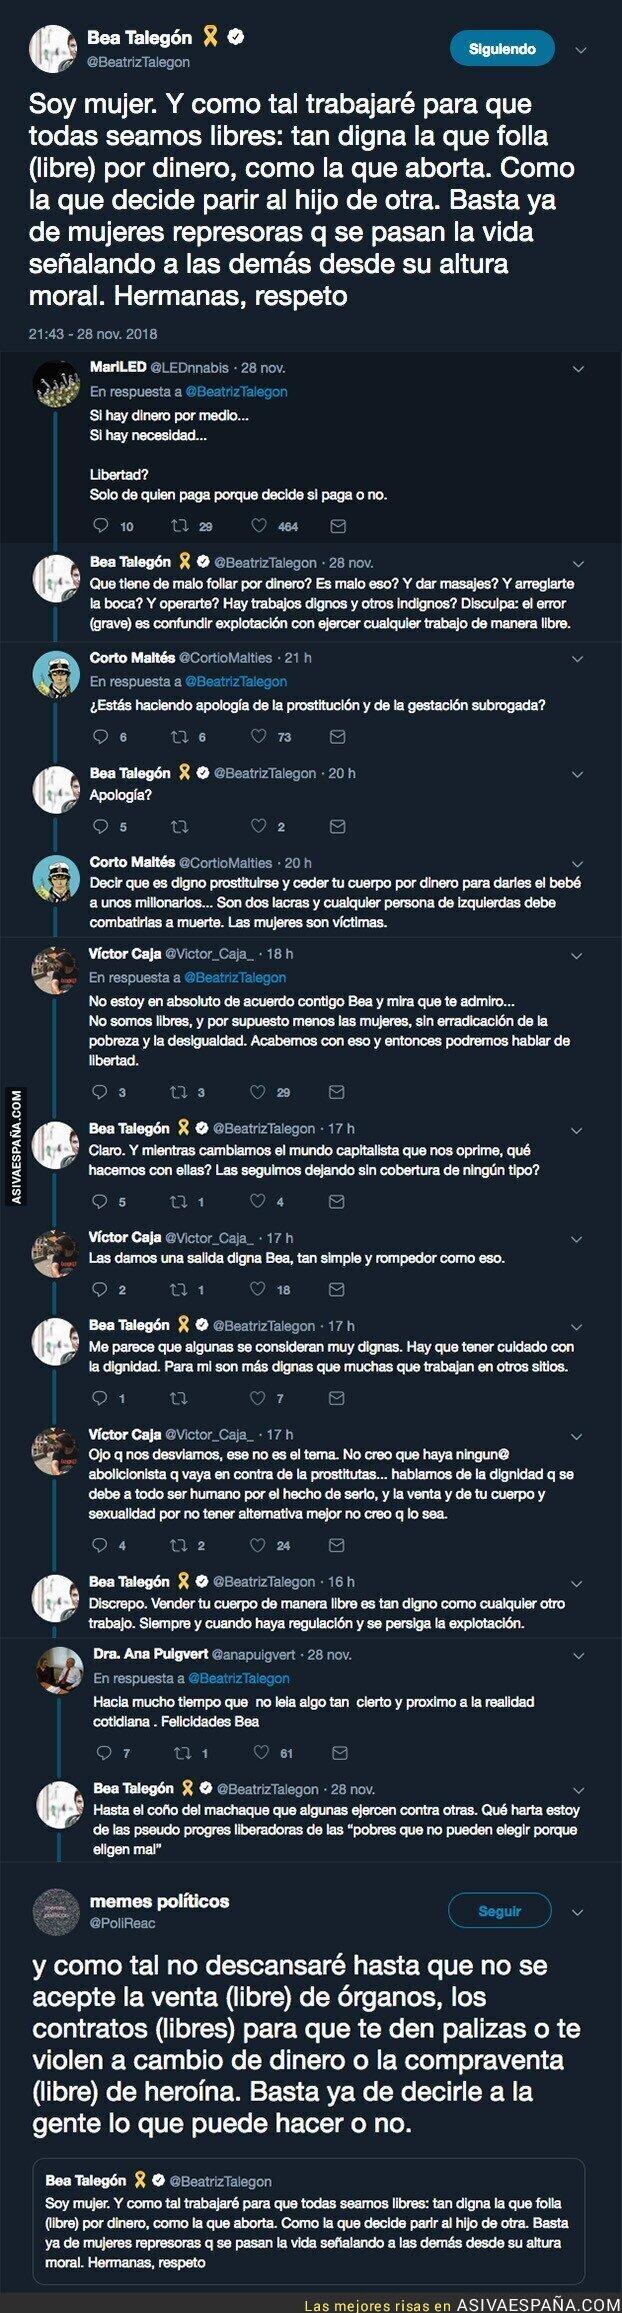 99168 - Lío monumental con este comentario de Beatriz Talegón a favor de la prostitución y los vientres de alquiler